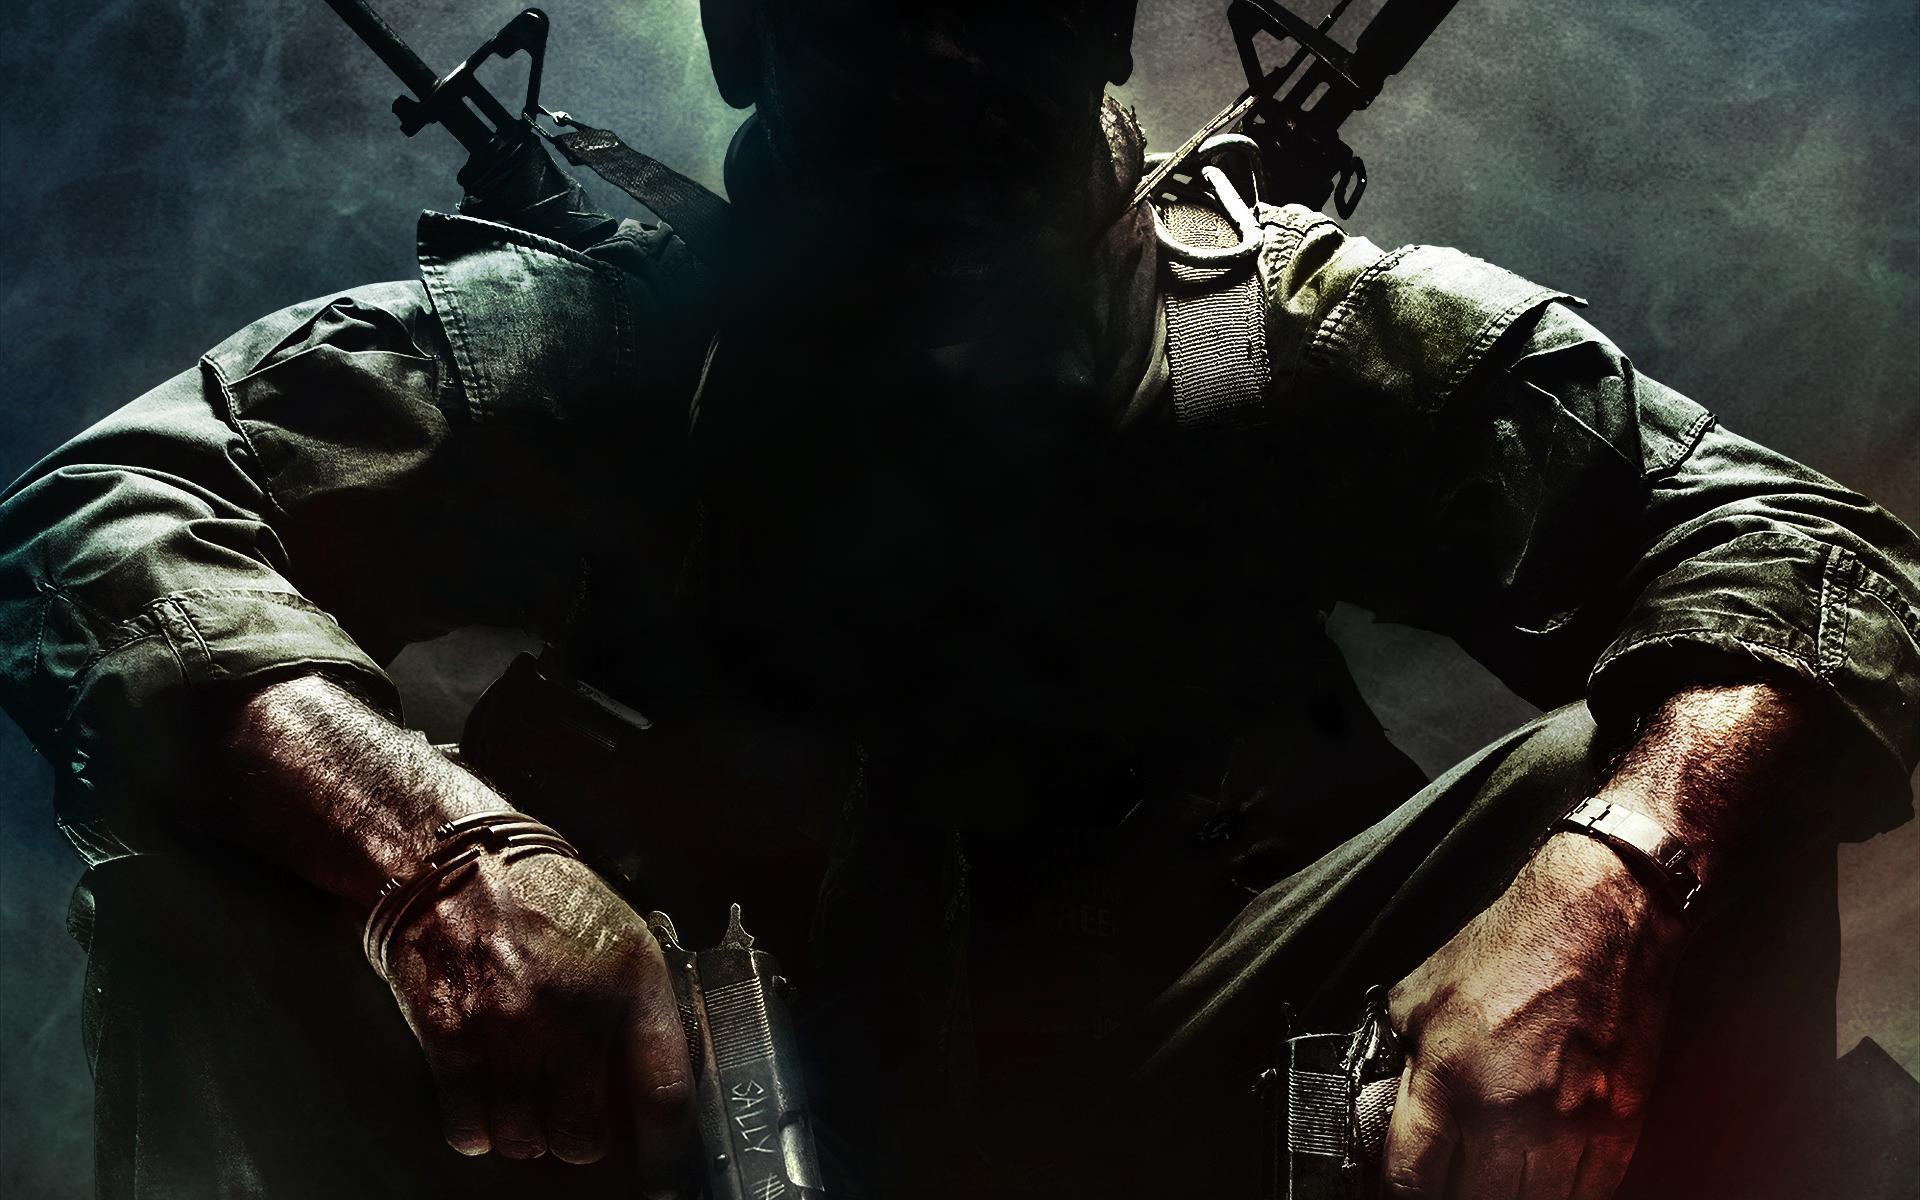 jeux-video-screen-capture-ecran-hd-download_10